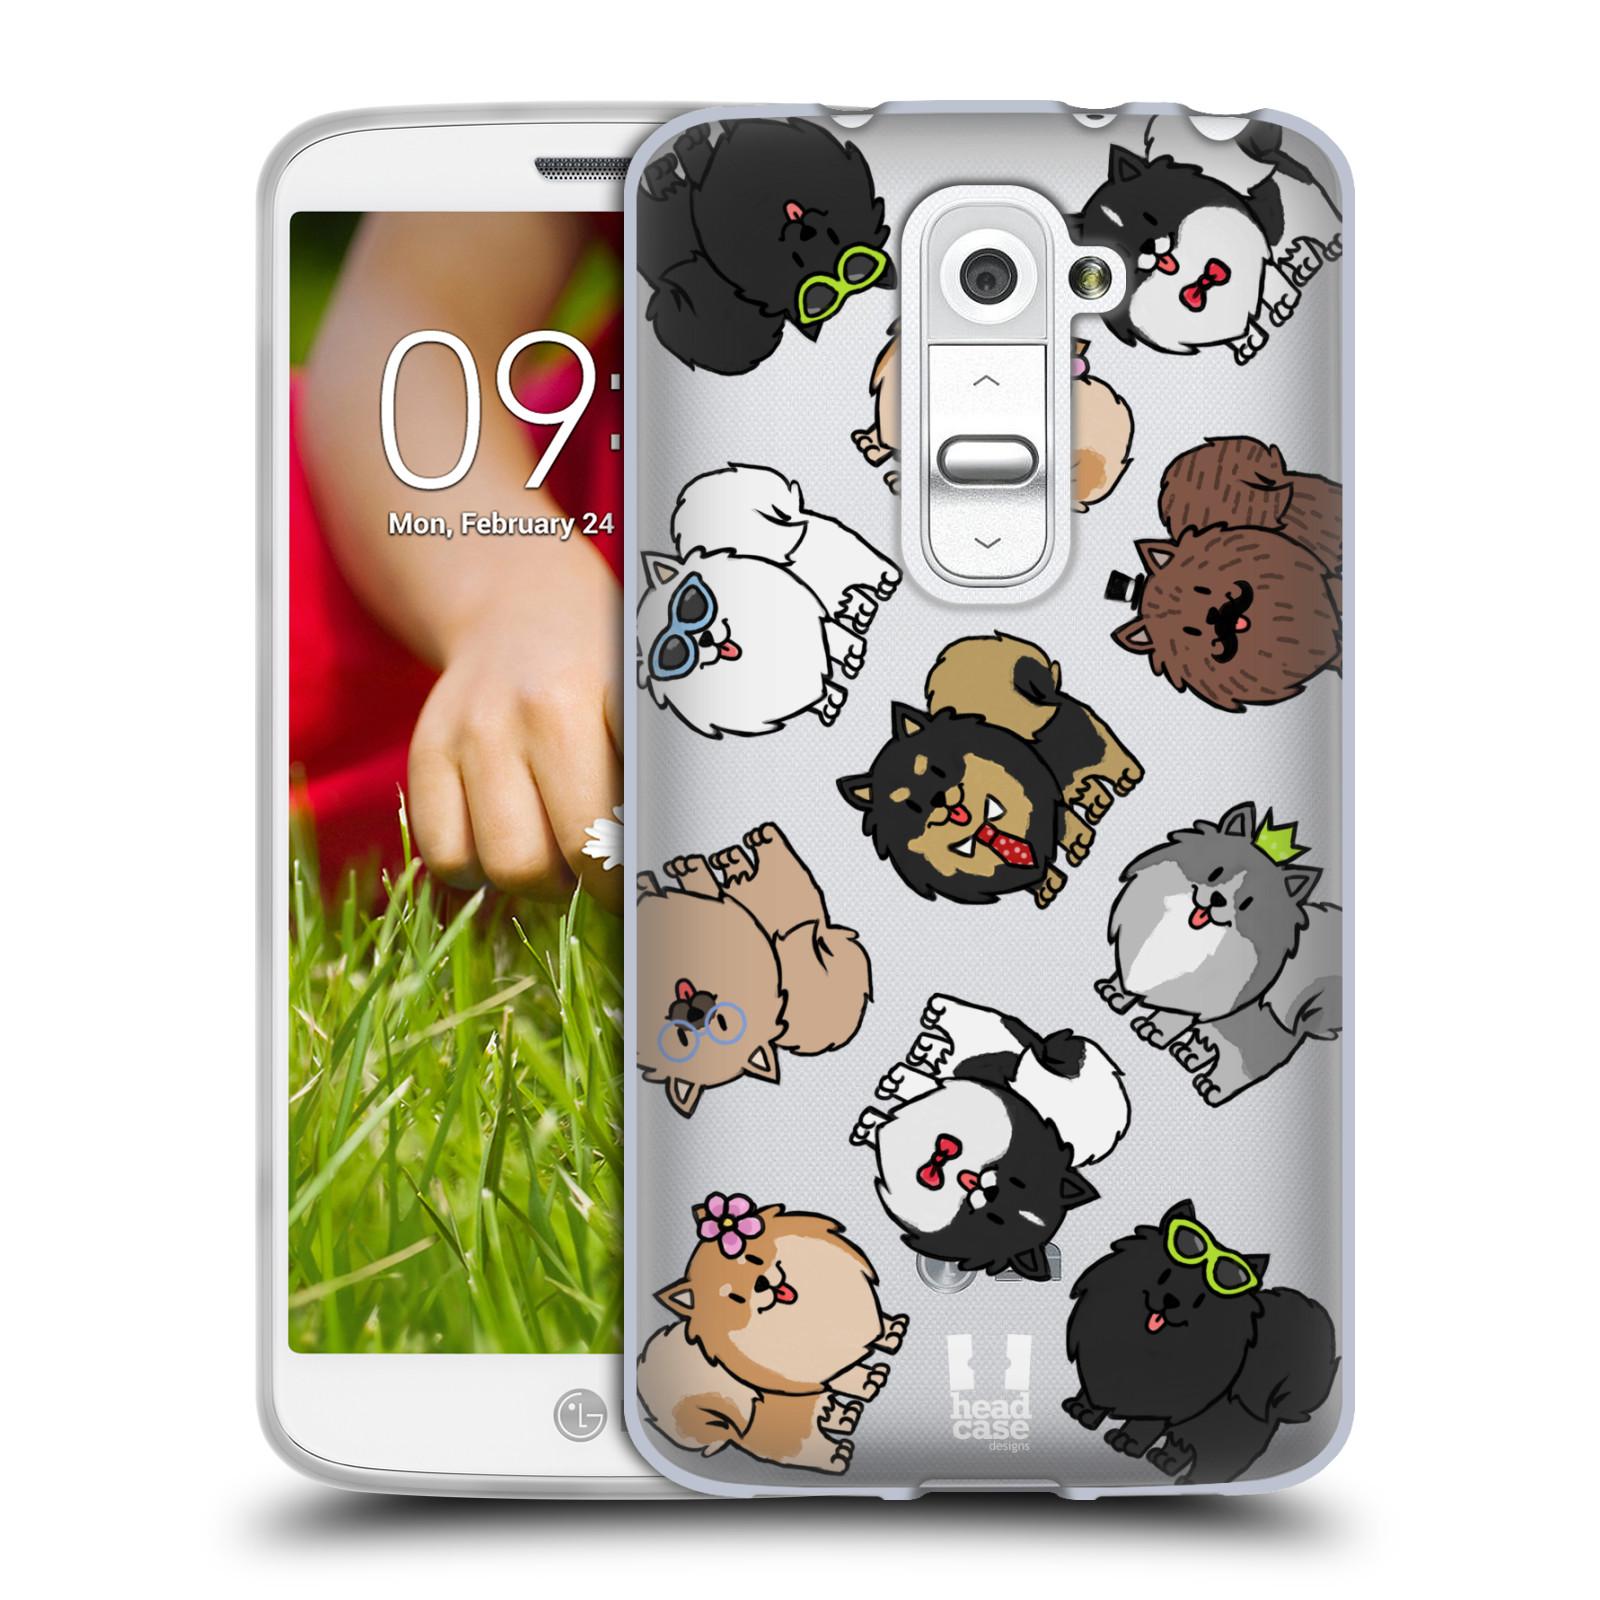 Silikonové pouzdro na mobil LG G2 Mini Head Case - Špic - Pomeranian (Silikonový kryt či obal na mobilní telefon s motivem špice pro LG G2 Mini D620)